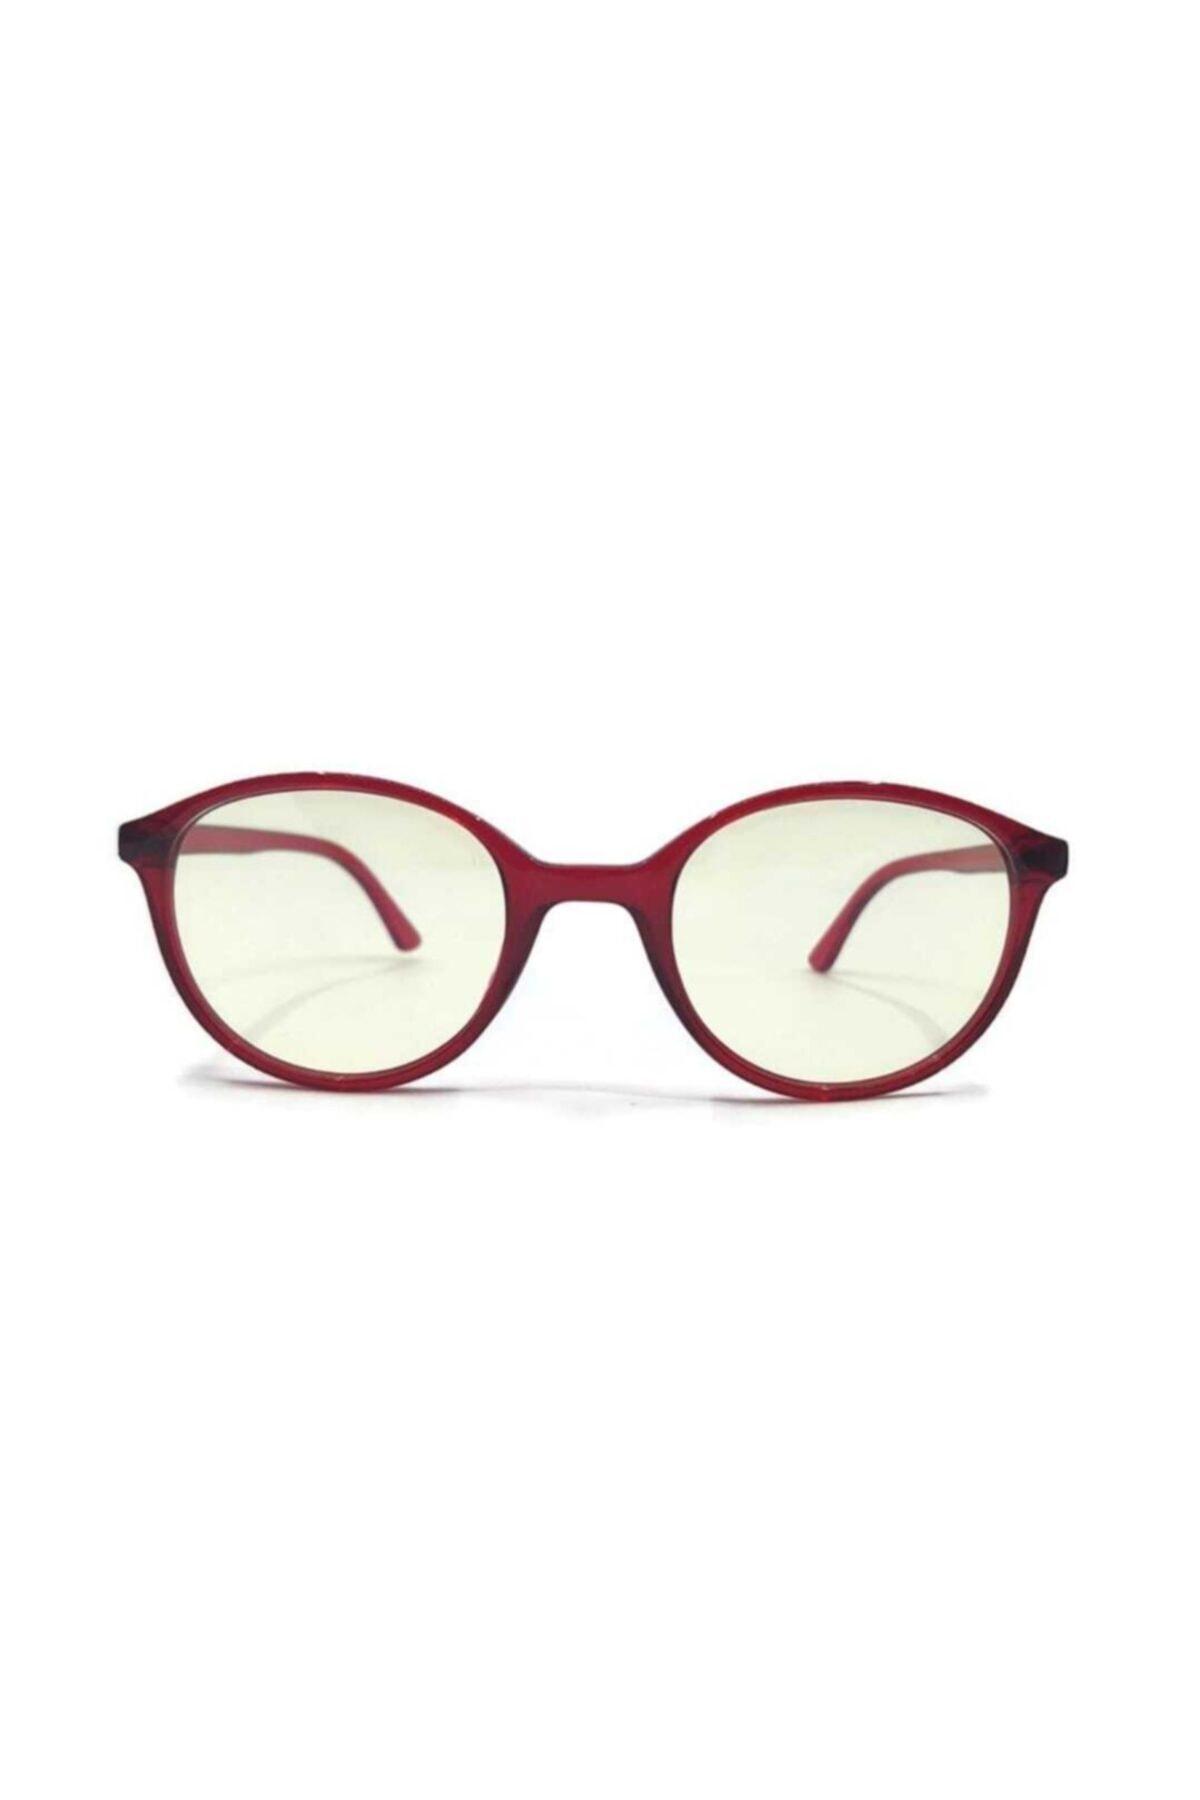 PETİTO Vega Kırmızı Mavi Işık Korumalı Ekran Gözlüğü 1